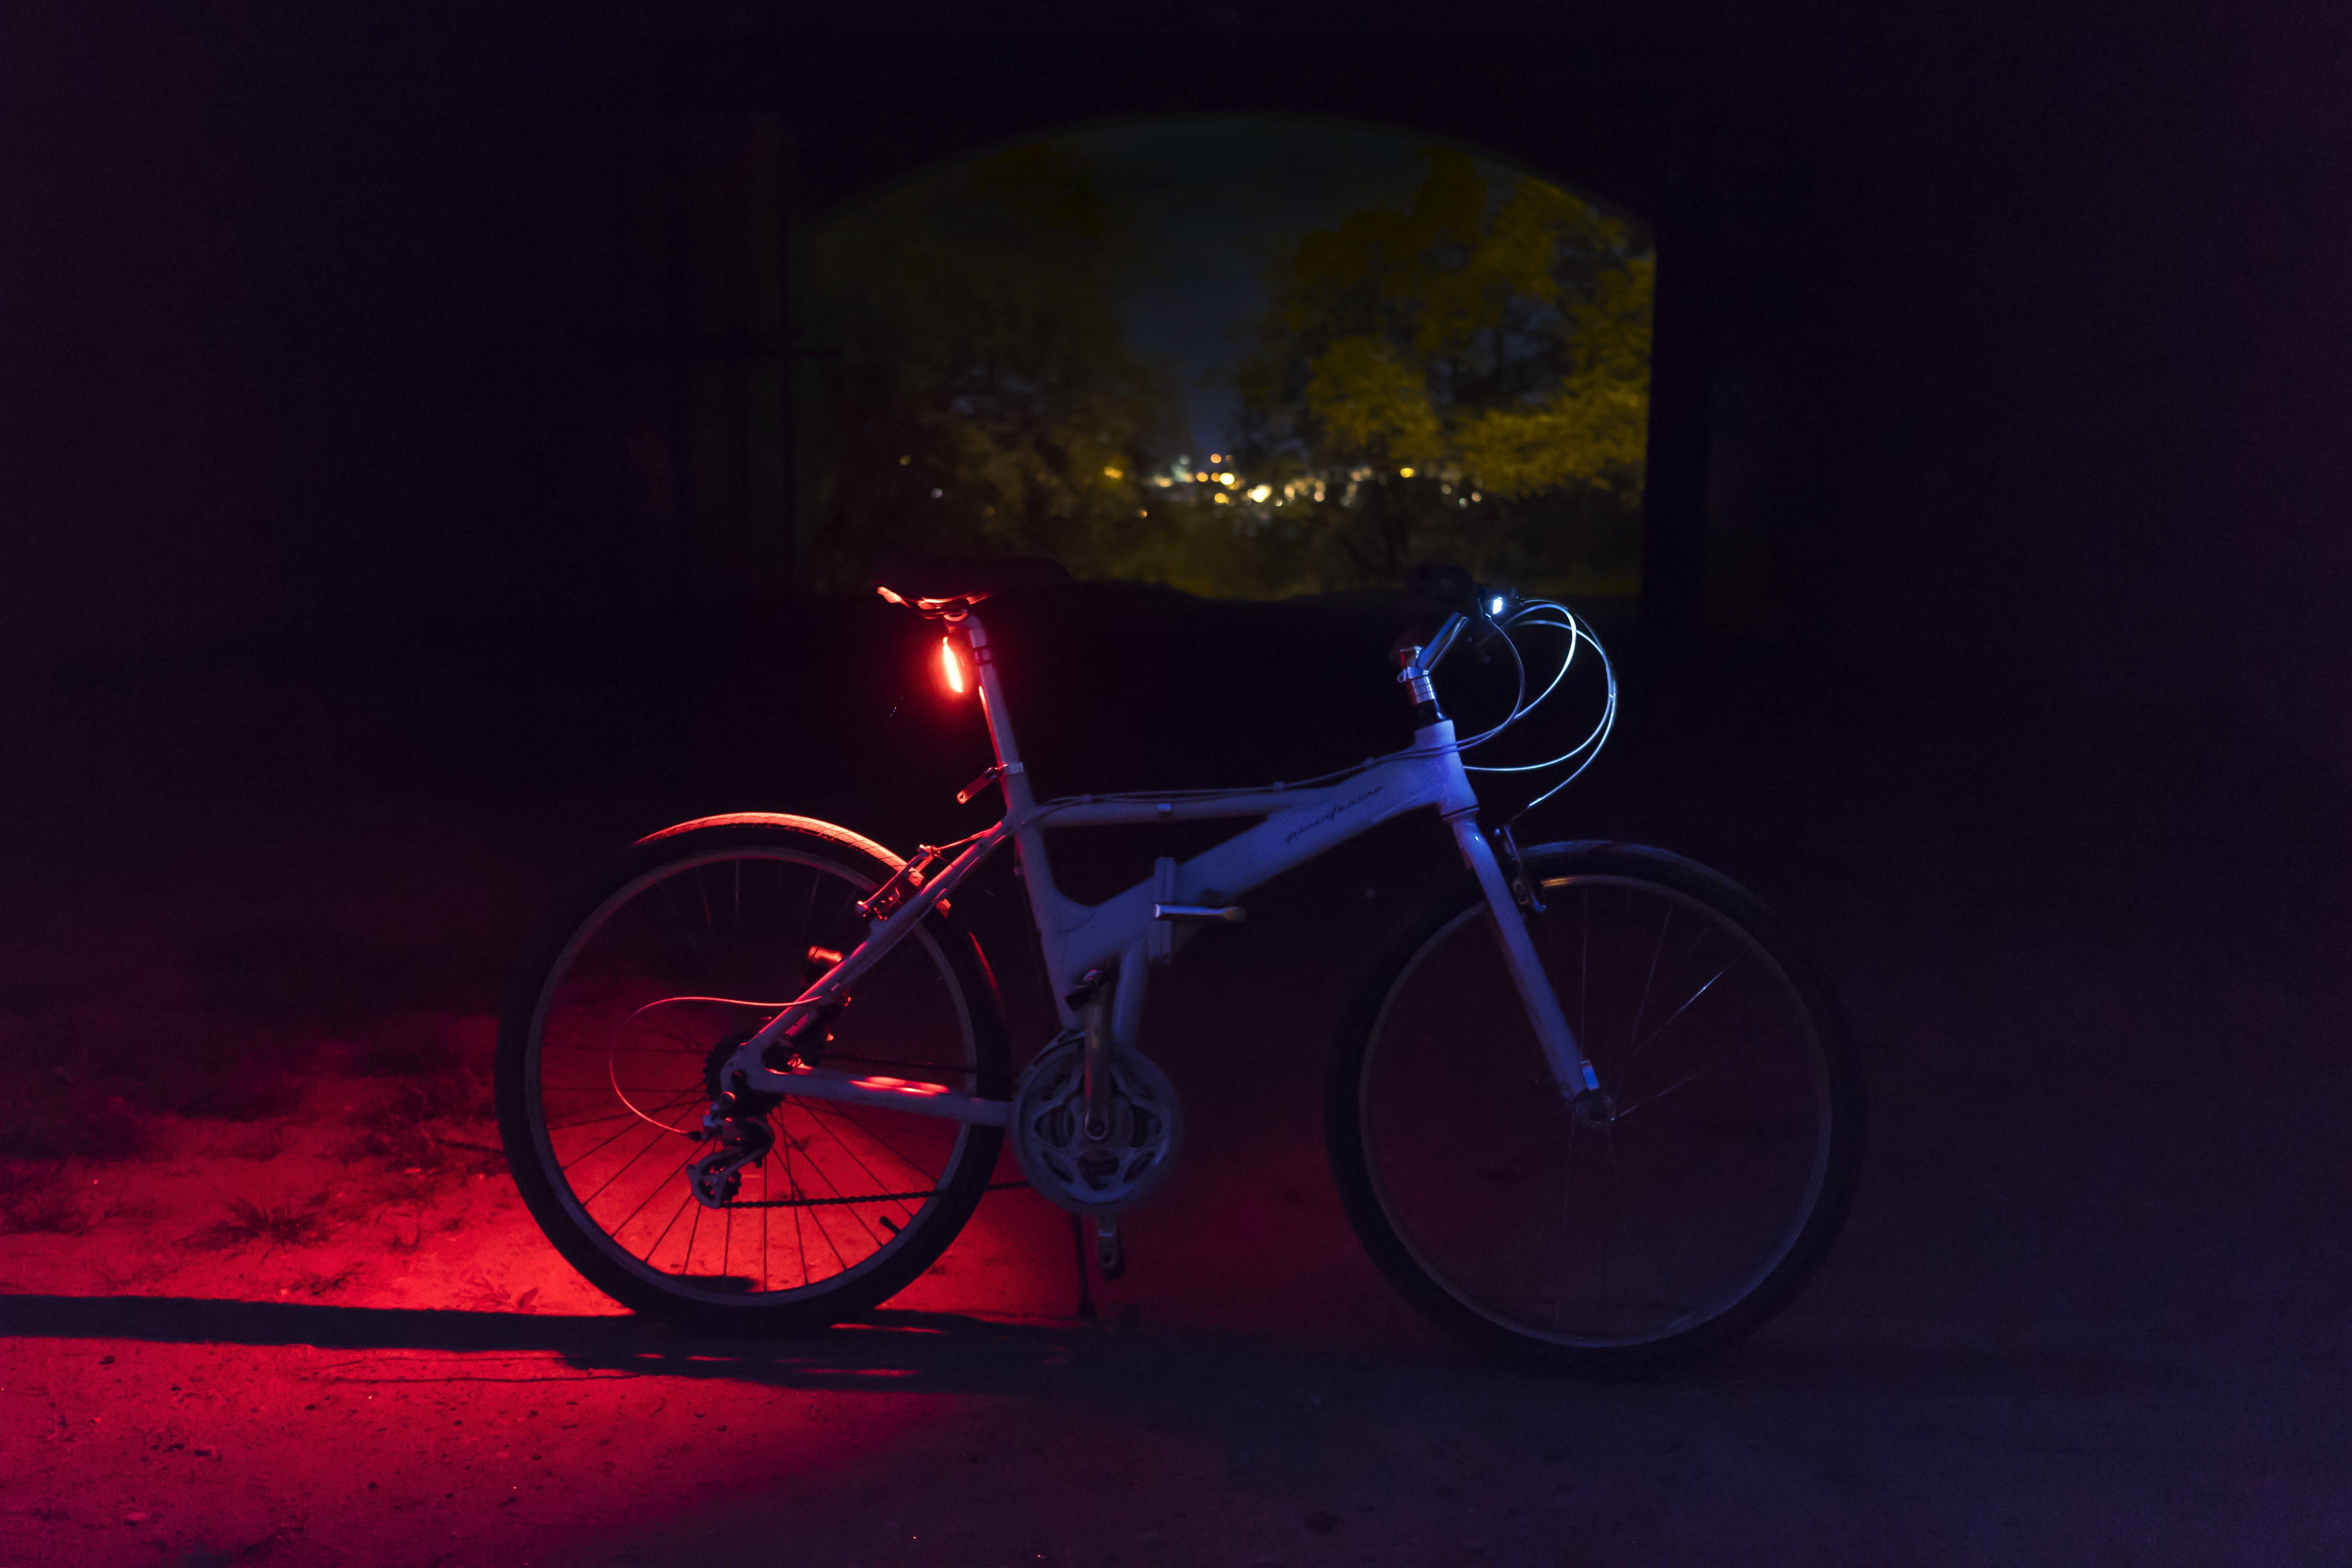 Blue and Black Road Bike on Street